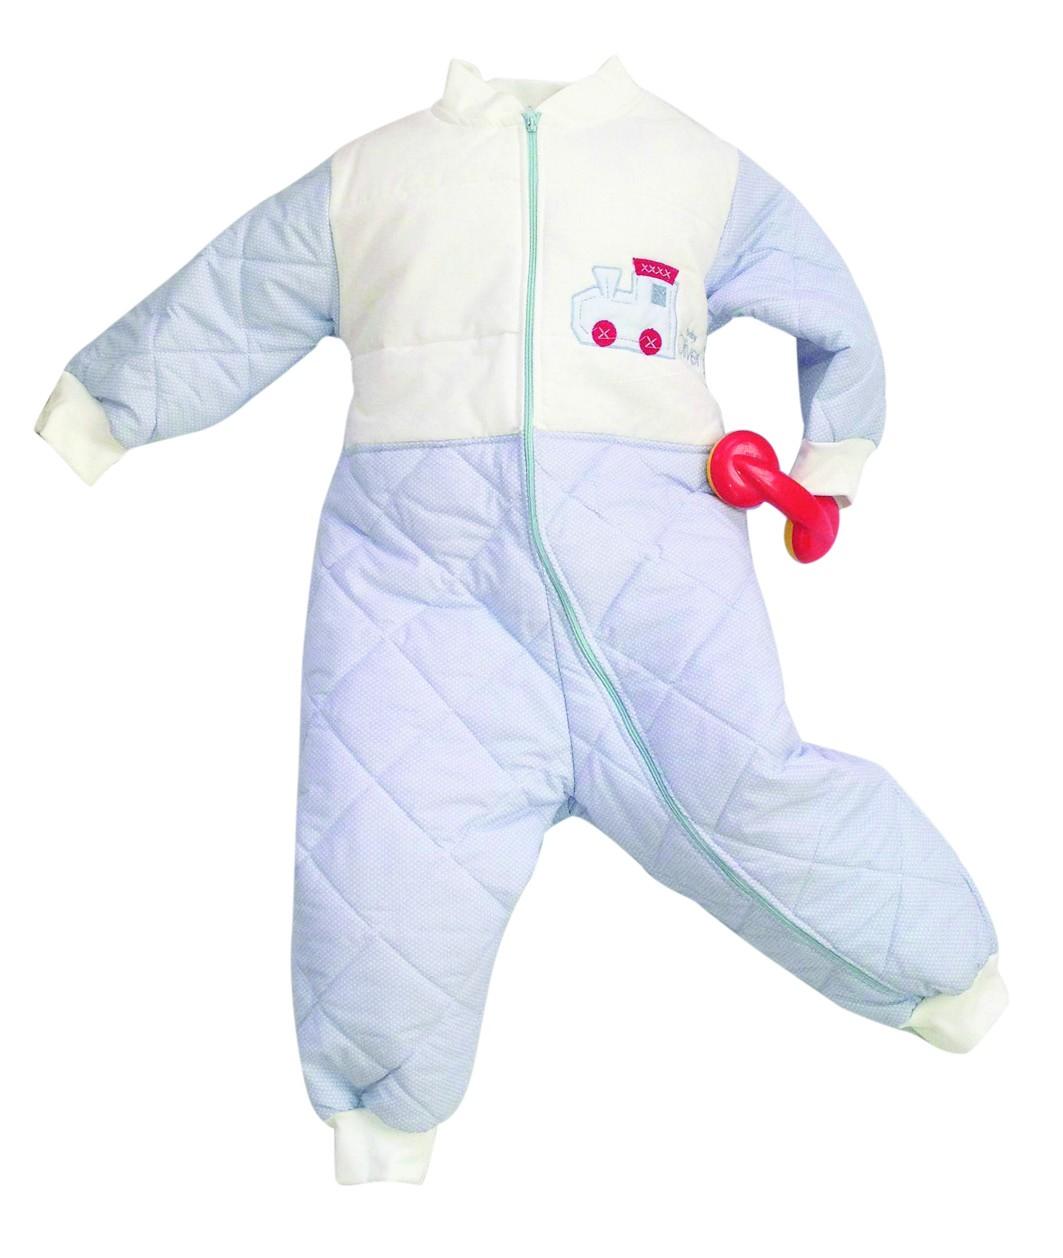 Υπνόσακος Baby Oliver Des 35 Νο4 Νο4